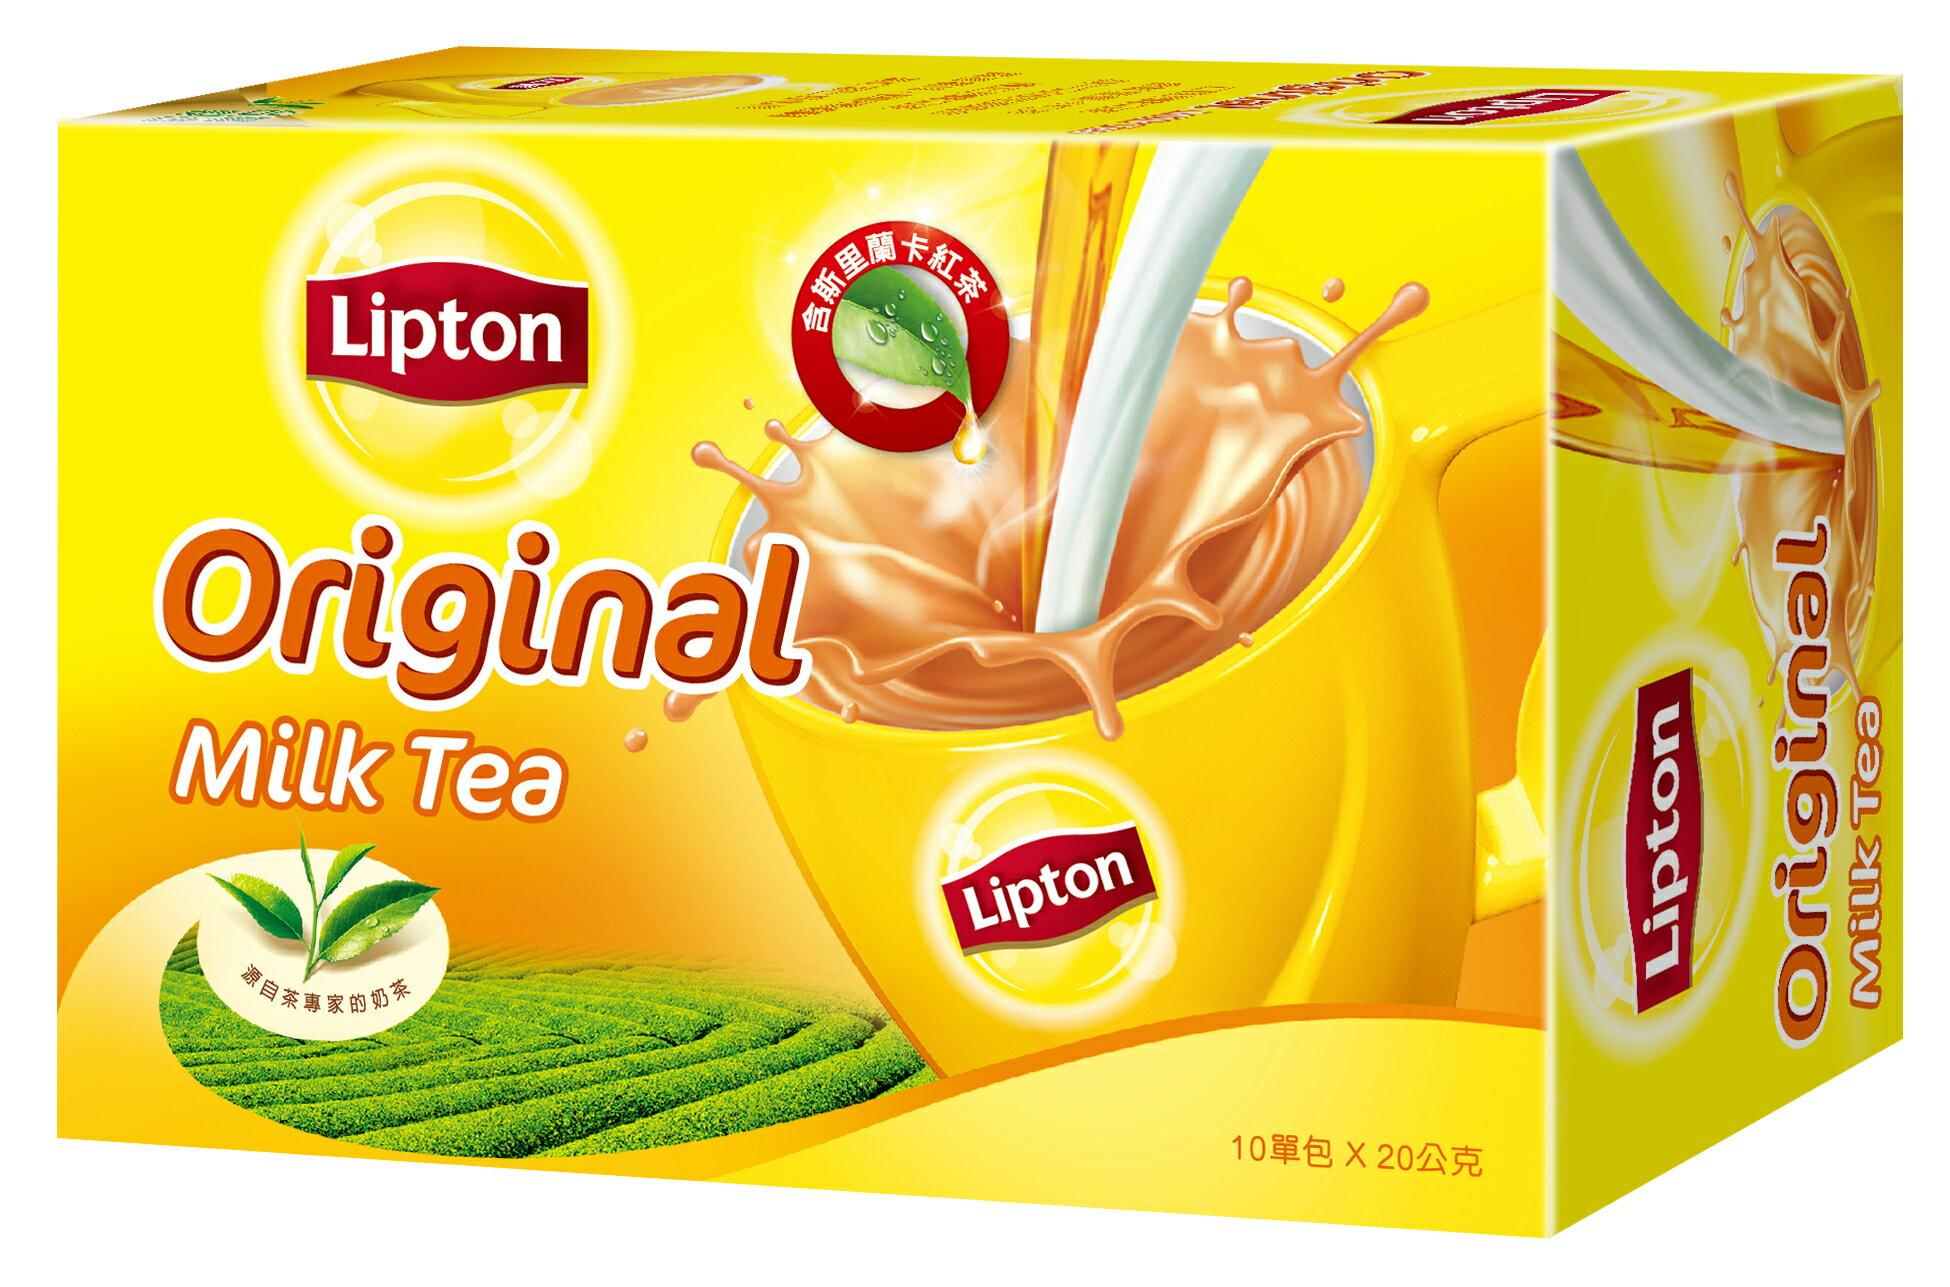 立頓奶茶隨身包10入